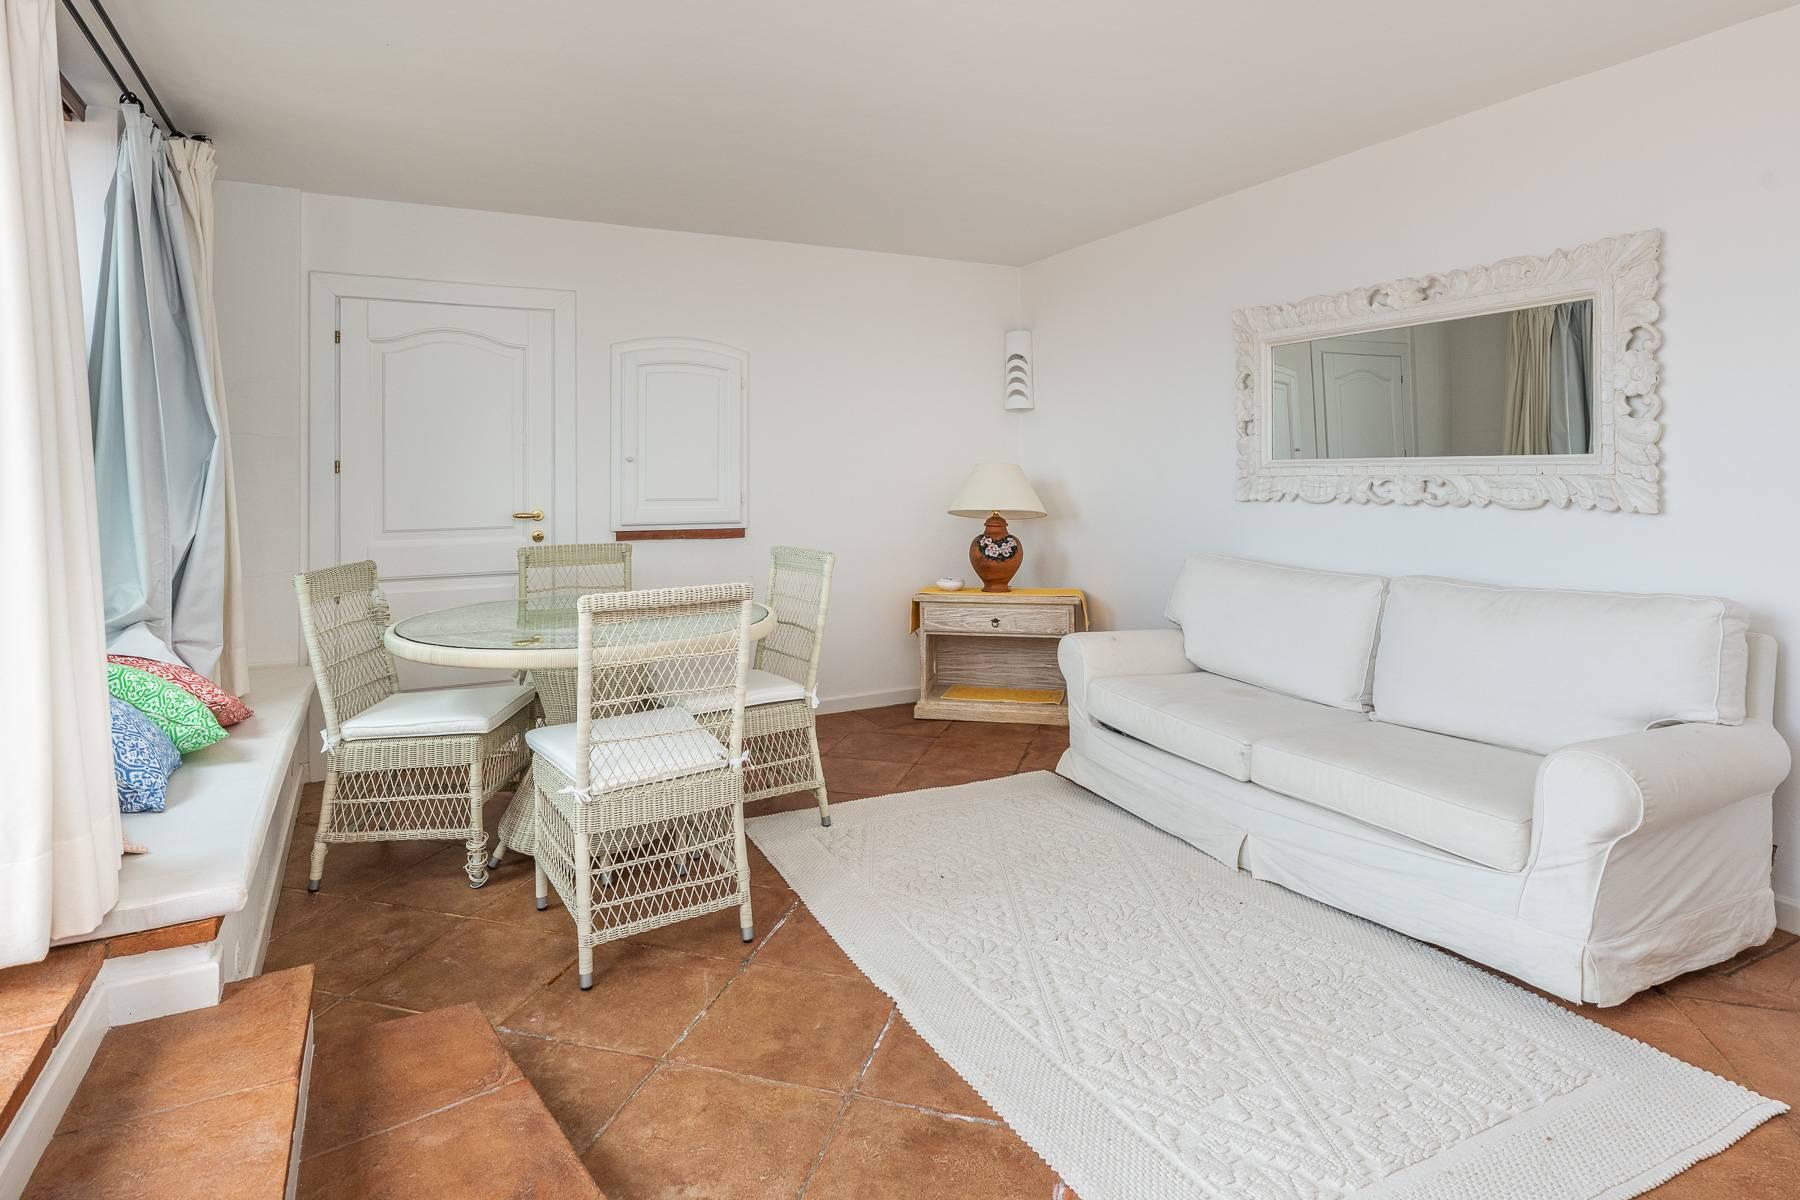 Importante villa indipendente con un impareggiabile panorama, nel cuore di Porto Cervo. - 17